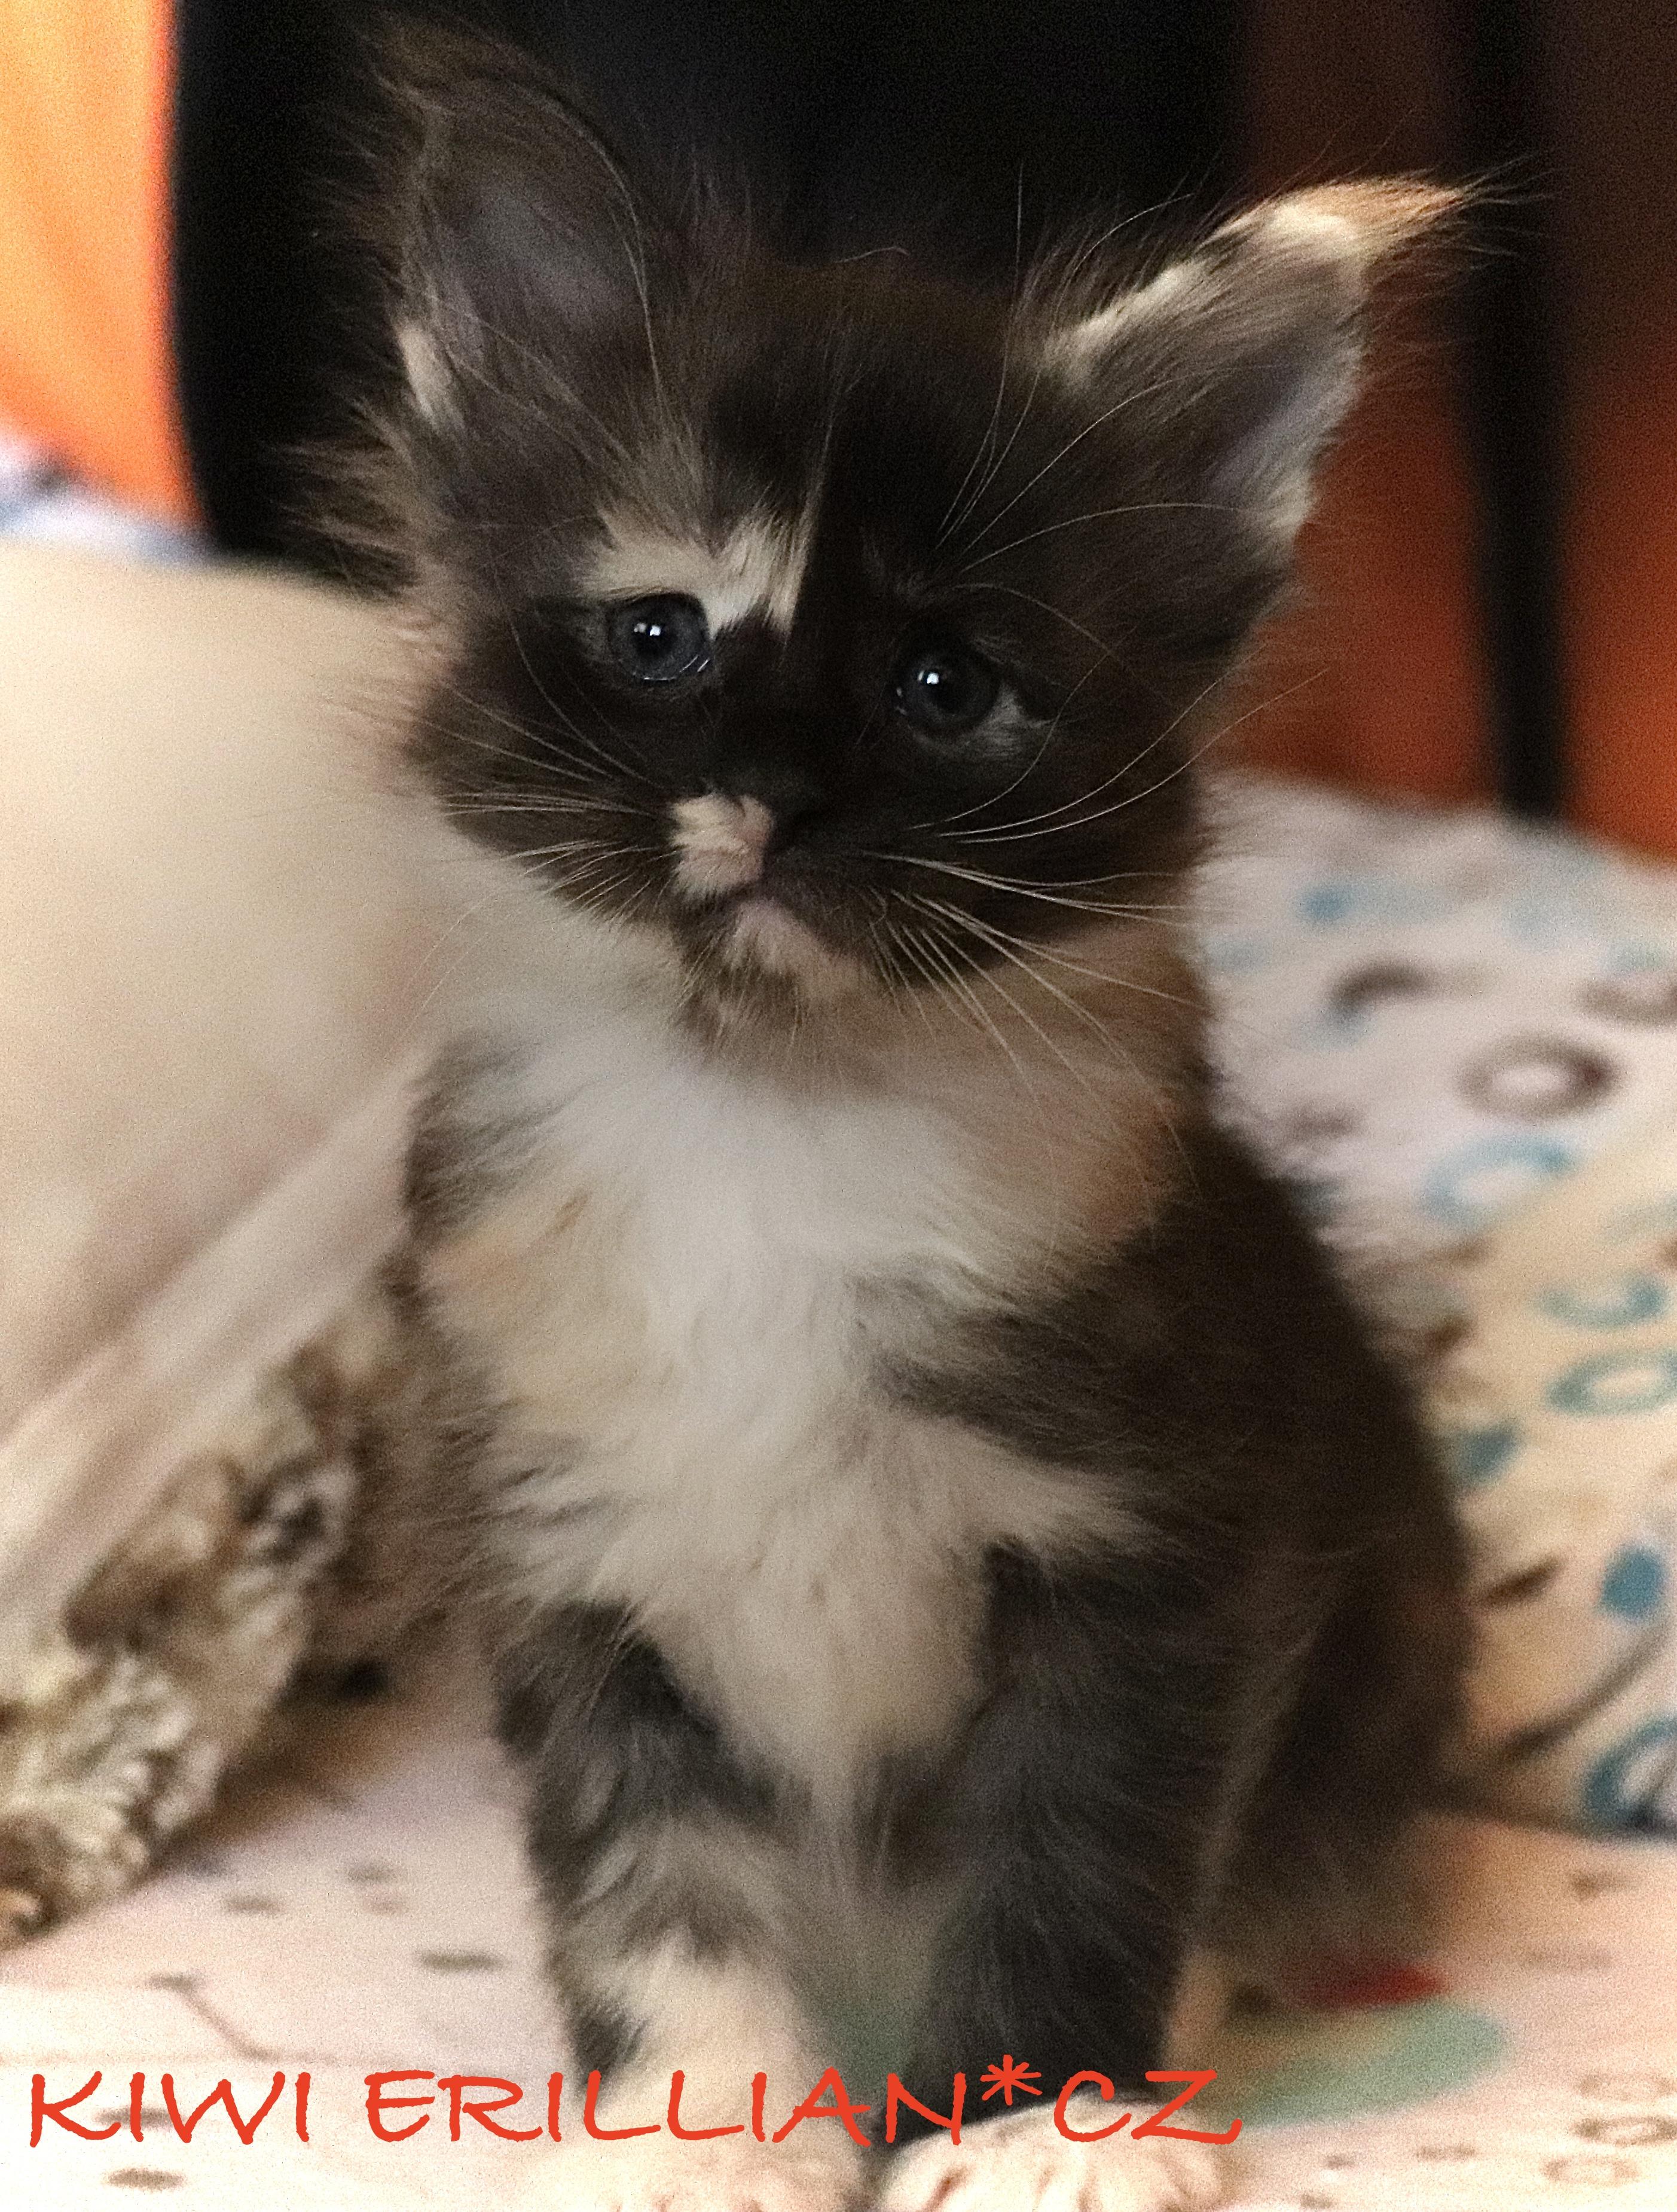 fotka kočky VRH K: KIWI VON ERILLIAN*CZ